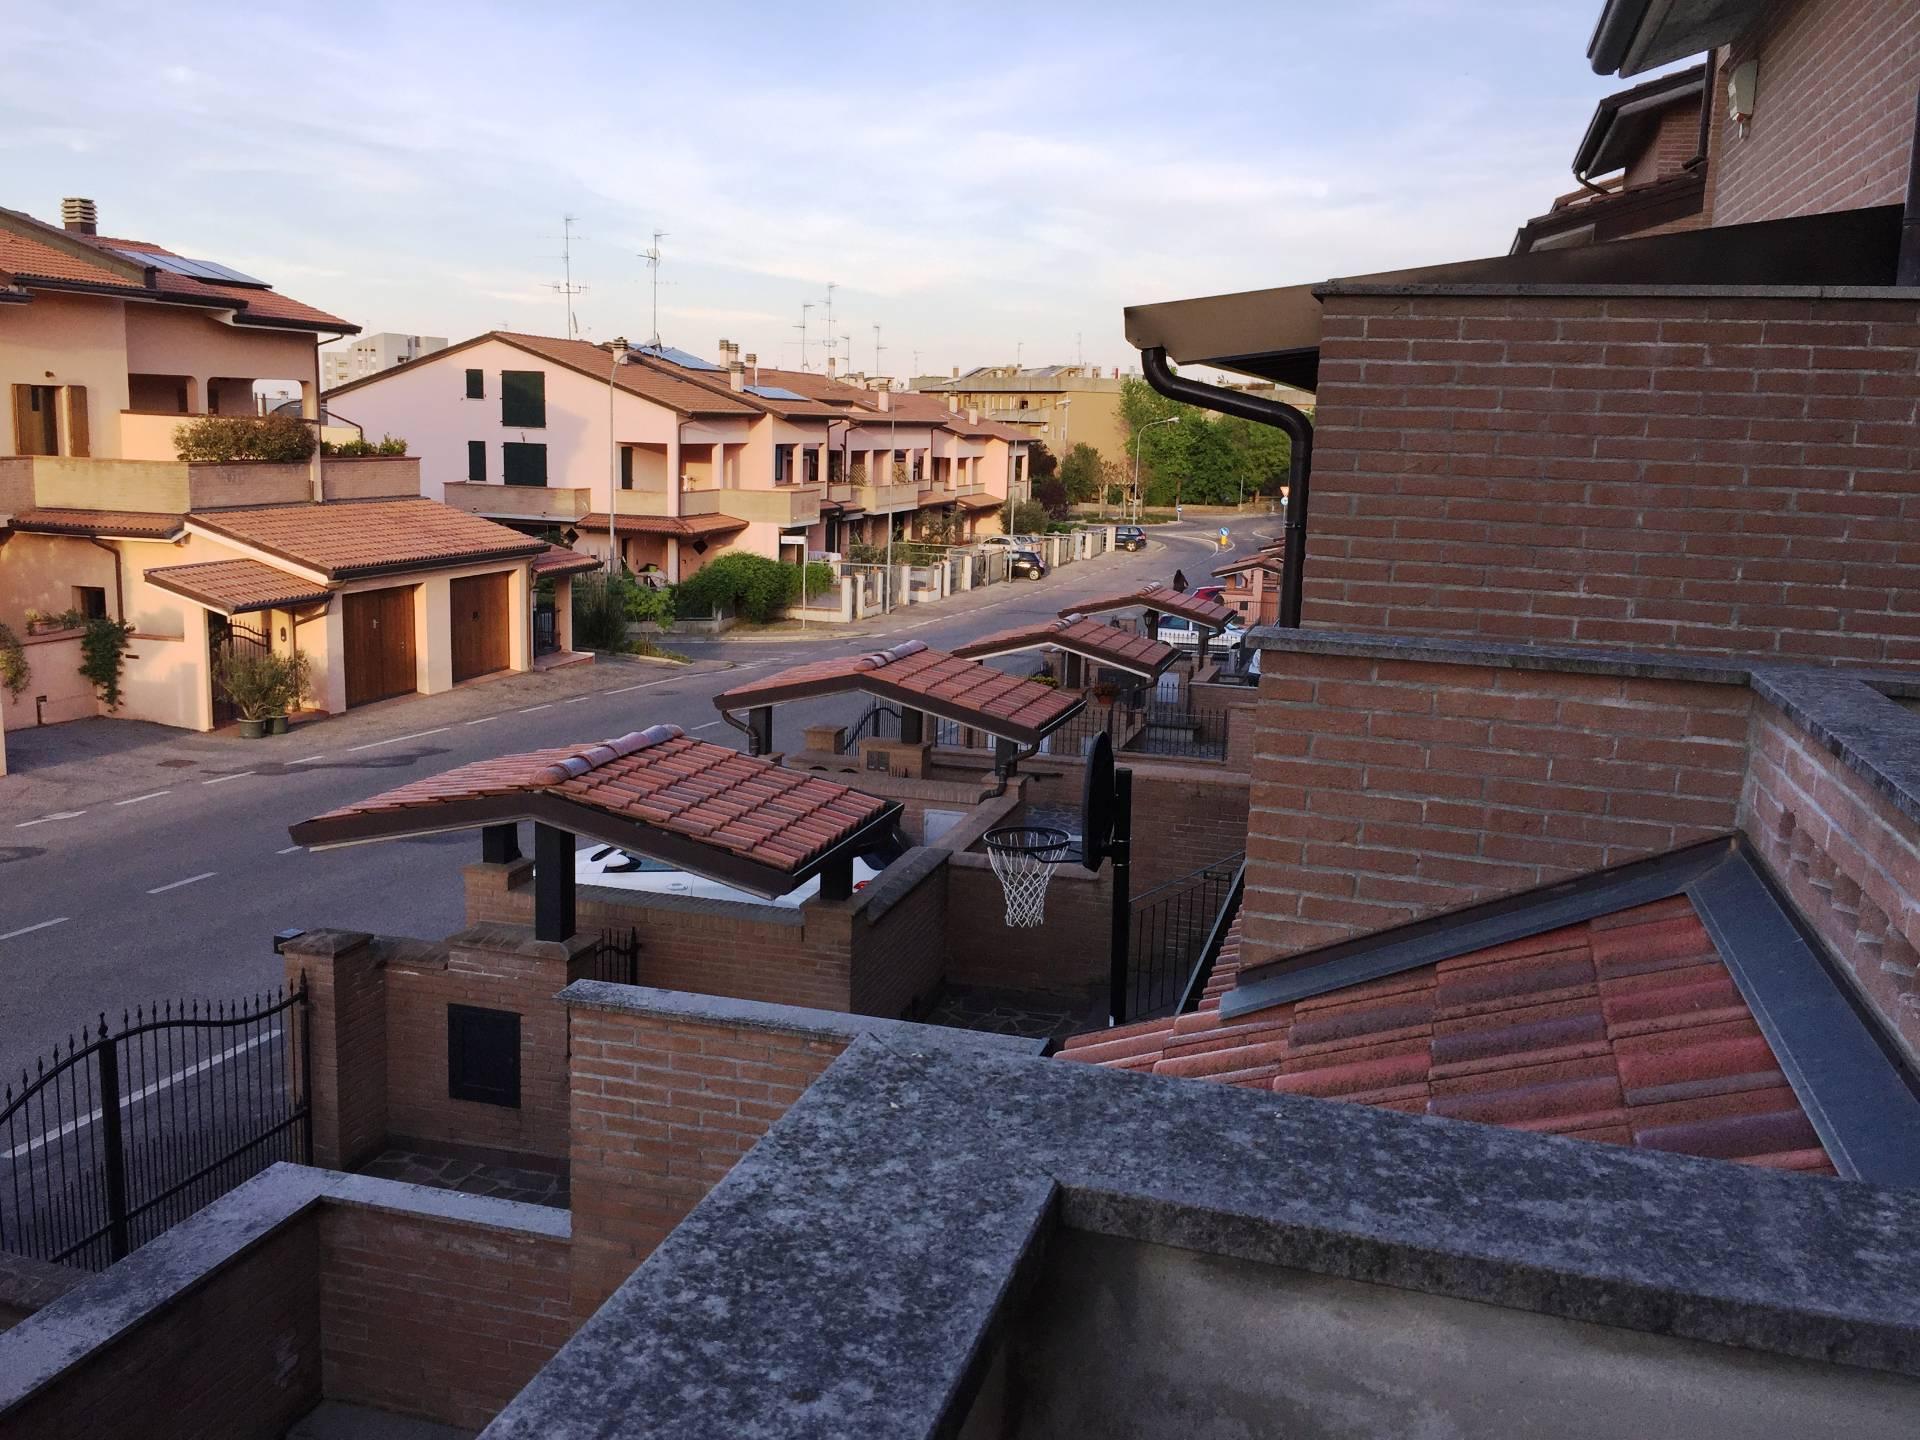 Villa Bifamiliare in Vendita a Castel San Pietro Terme